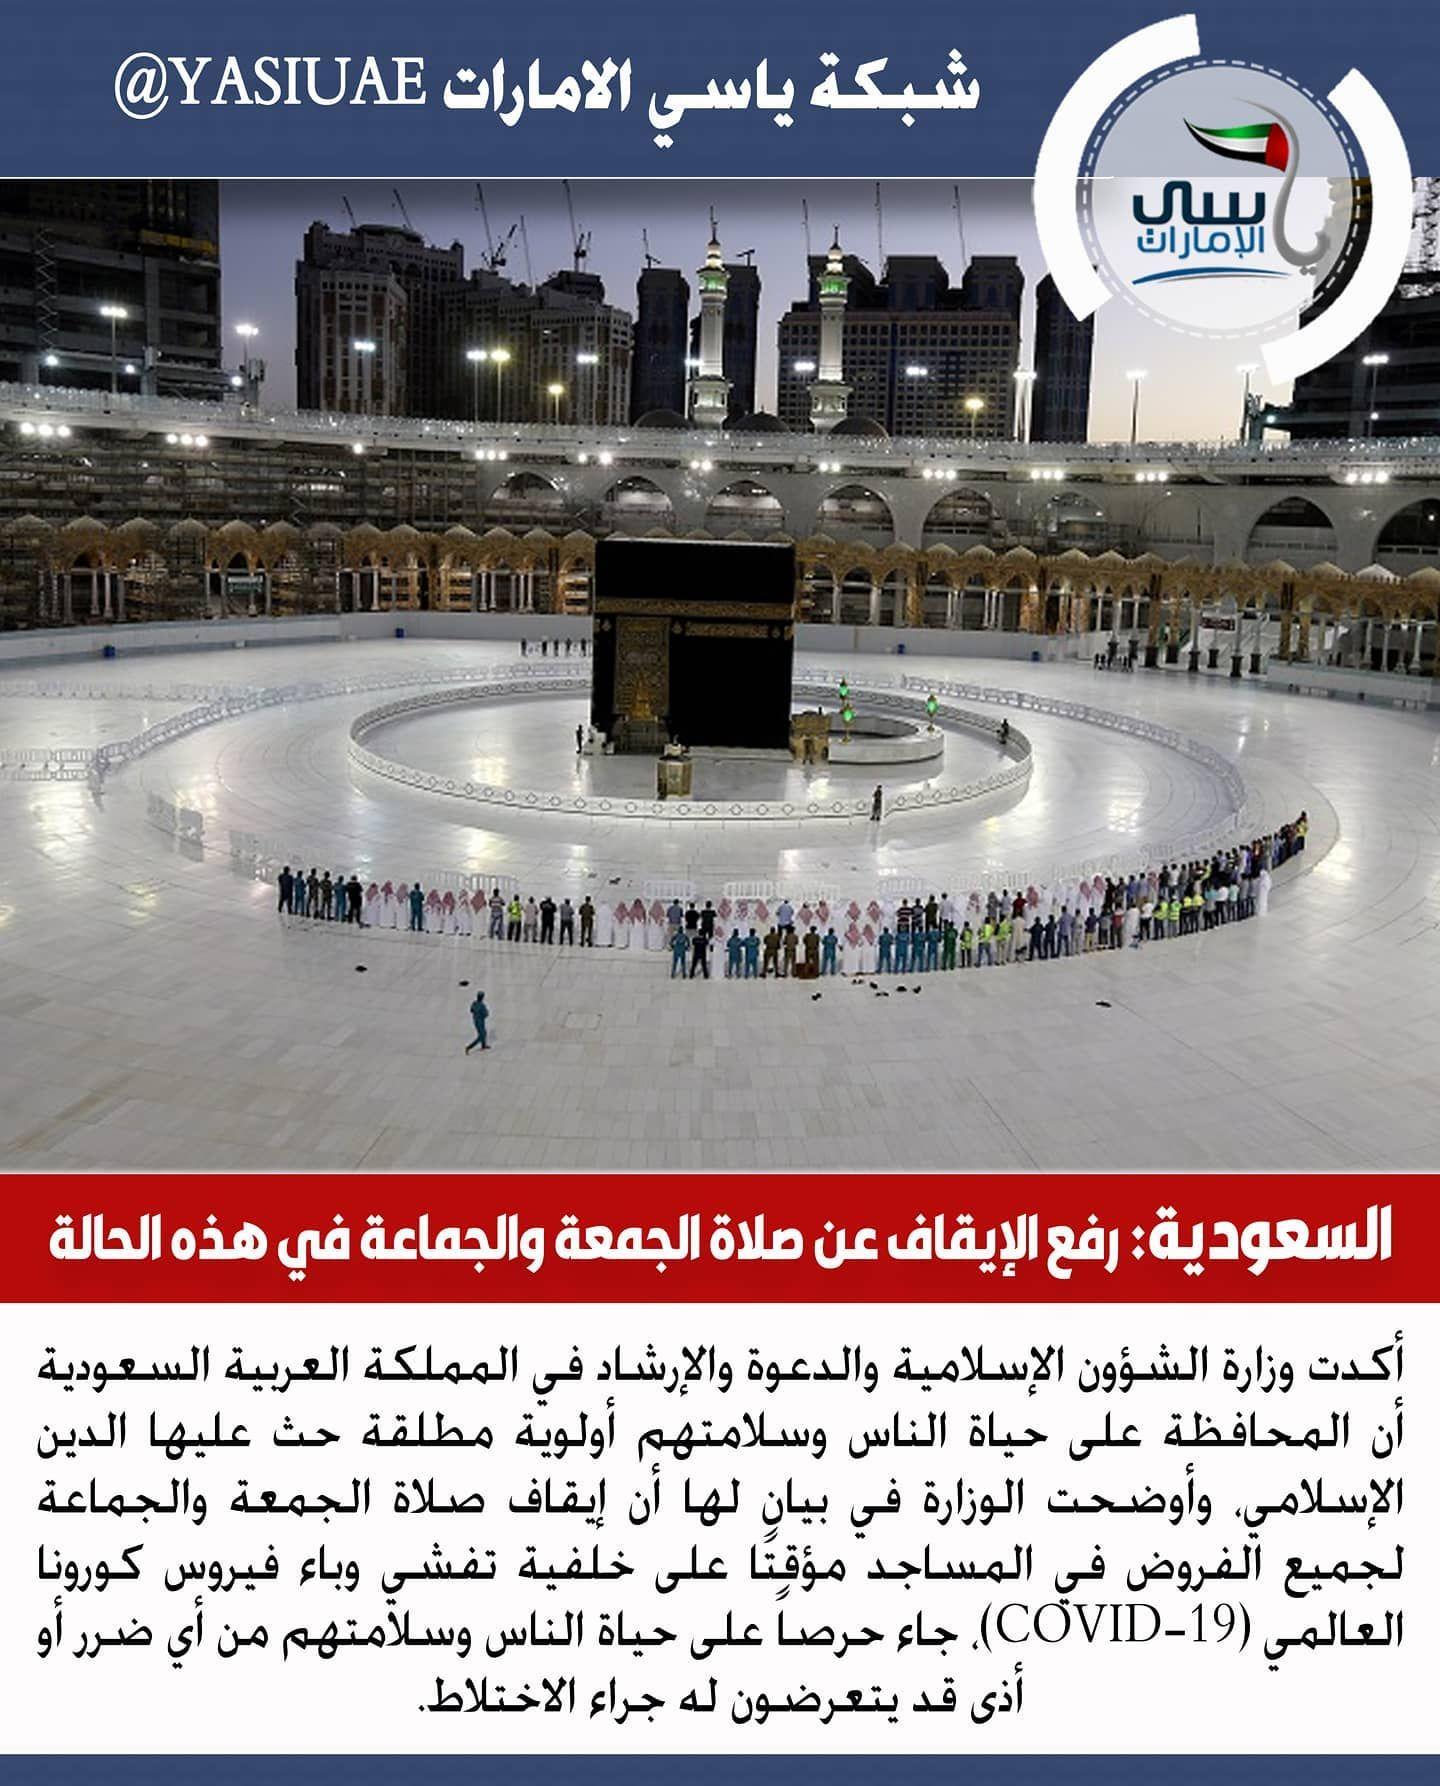 السعودية رفع الإيقاف عن صلاة الجمعة والجماعة في هذه الحالة Www Yasiuae Net Hockey Rink Lol Hockey